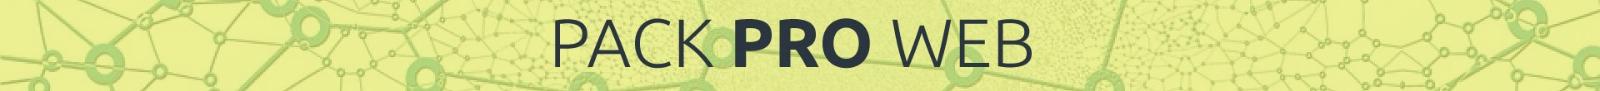 Pro - Les offres MonWebPro.com